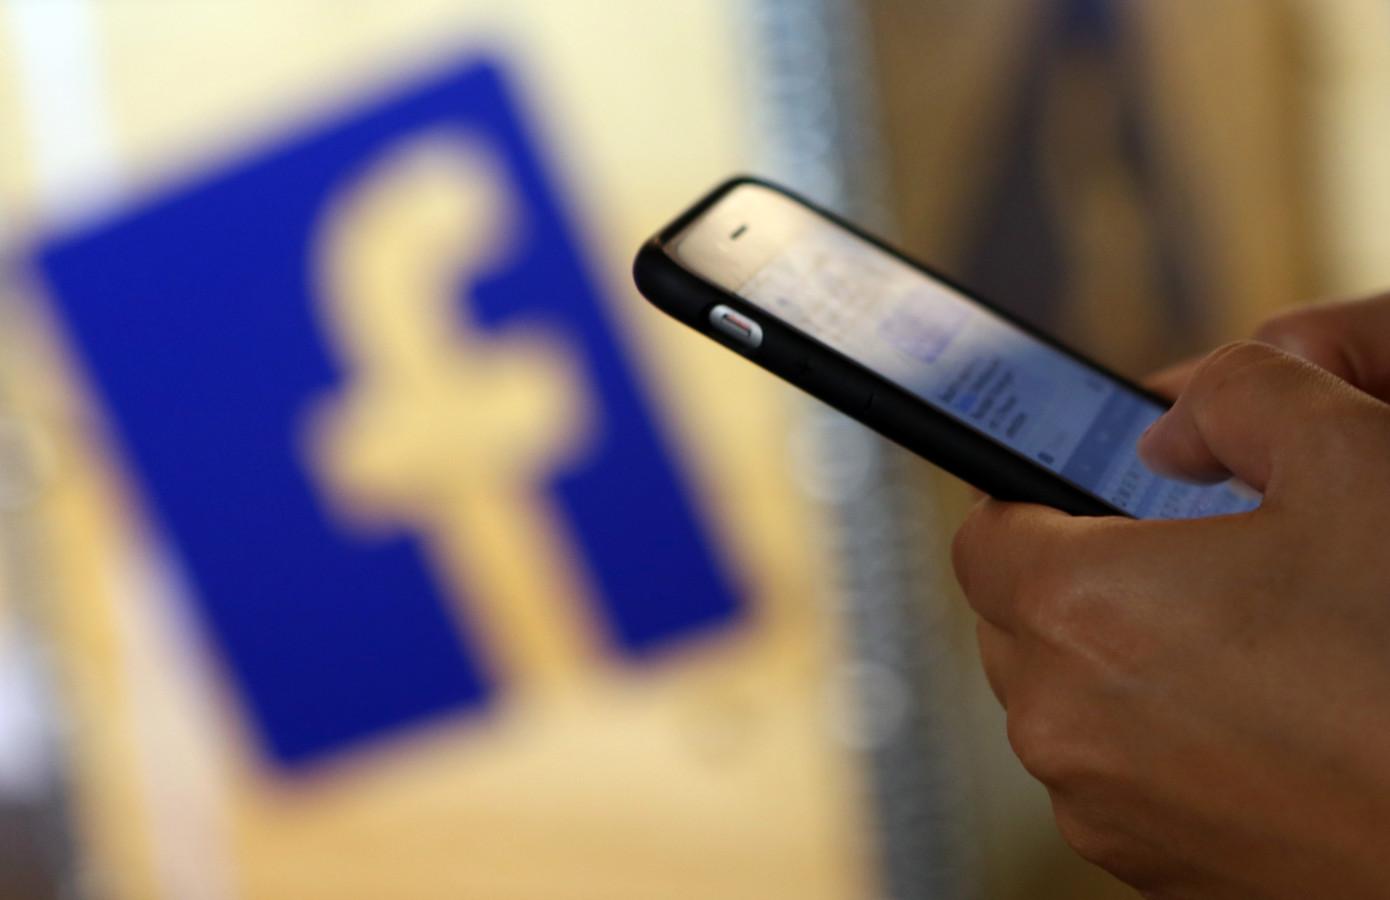 La herramienta de transferencia de fotos de Facebook se abre a más usuarios en Europa, América Latina y África